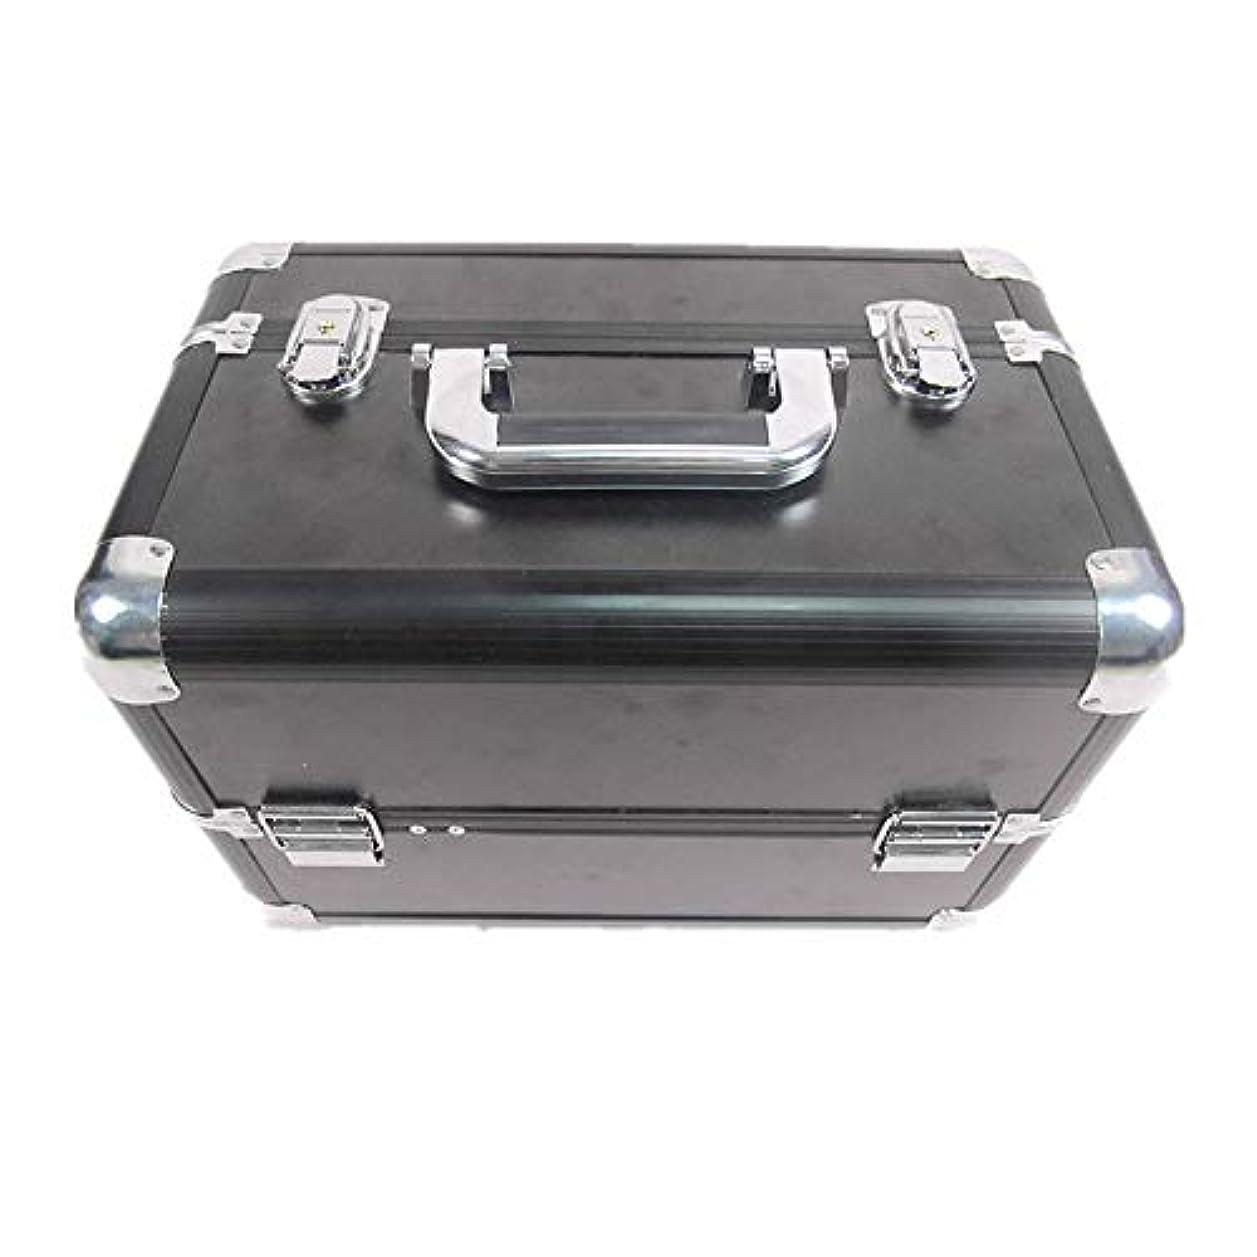 二度戻すステートメント化粧オーガナイザーバッグ 大容量ポータブル化粧ケース(トラベルアクセサリー用)シャンプーボディウォッシュパーソナルアイテム収納トレイ(エクステンショントレイ付) 化粧品ケース